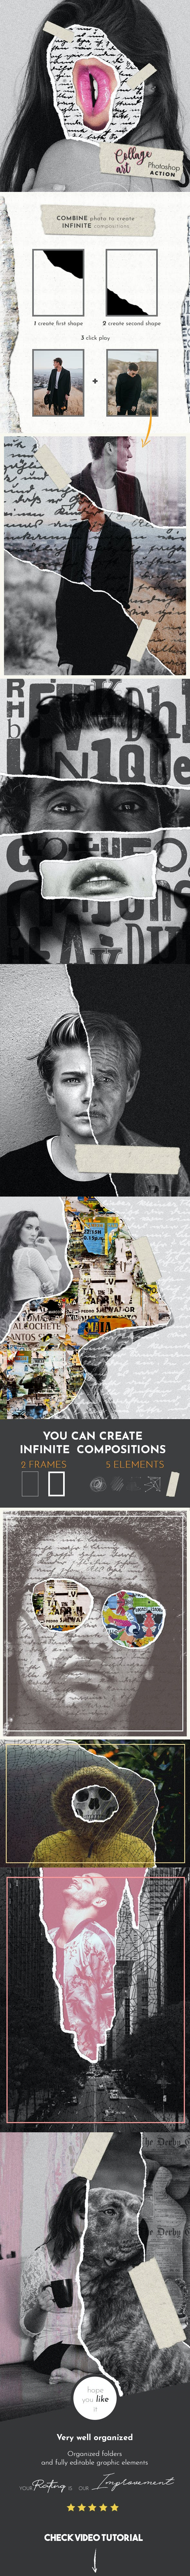 Скачать [Graphicriver] Collage Art Photoshop Action (2018), Отзывы Складчик » Архив Складчин